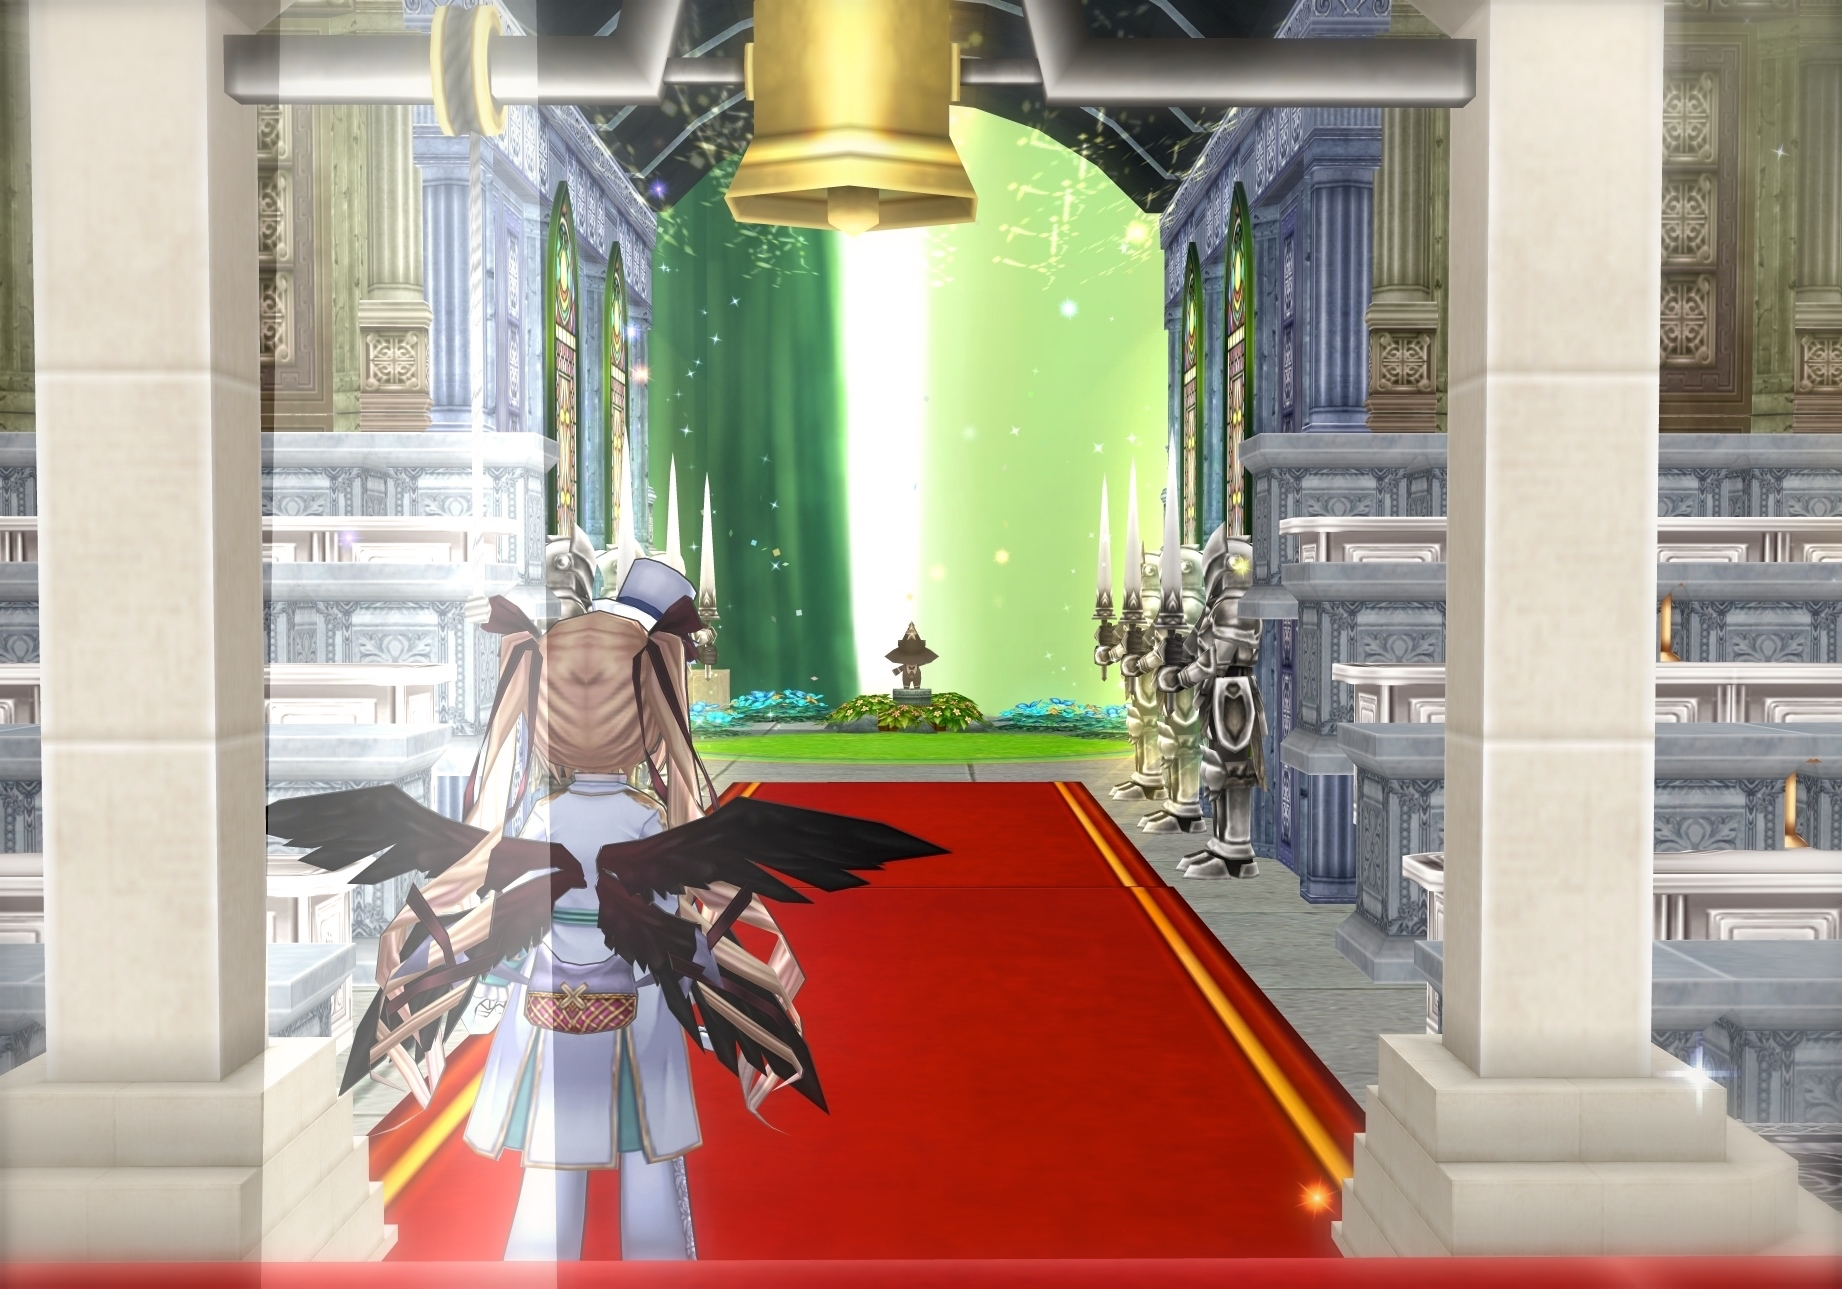 04_新郎は鐘の下にて新婦を待つ